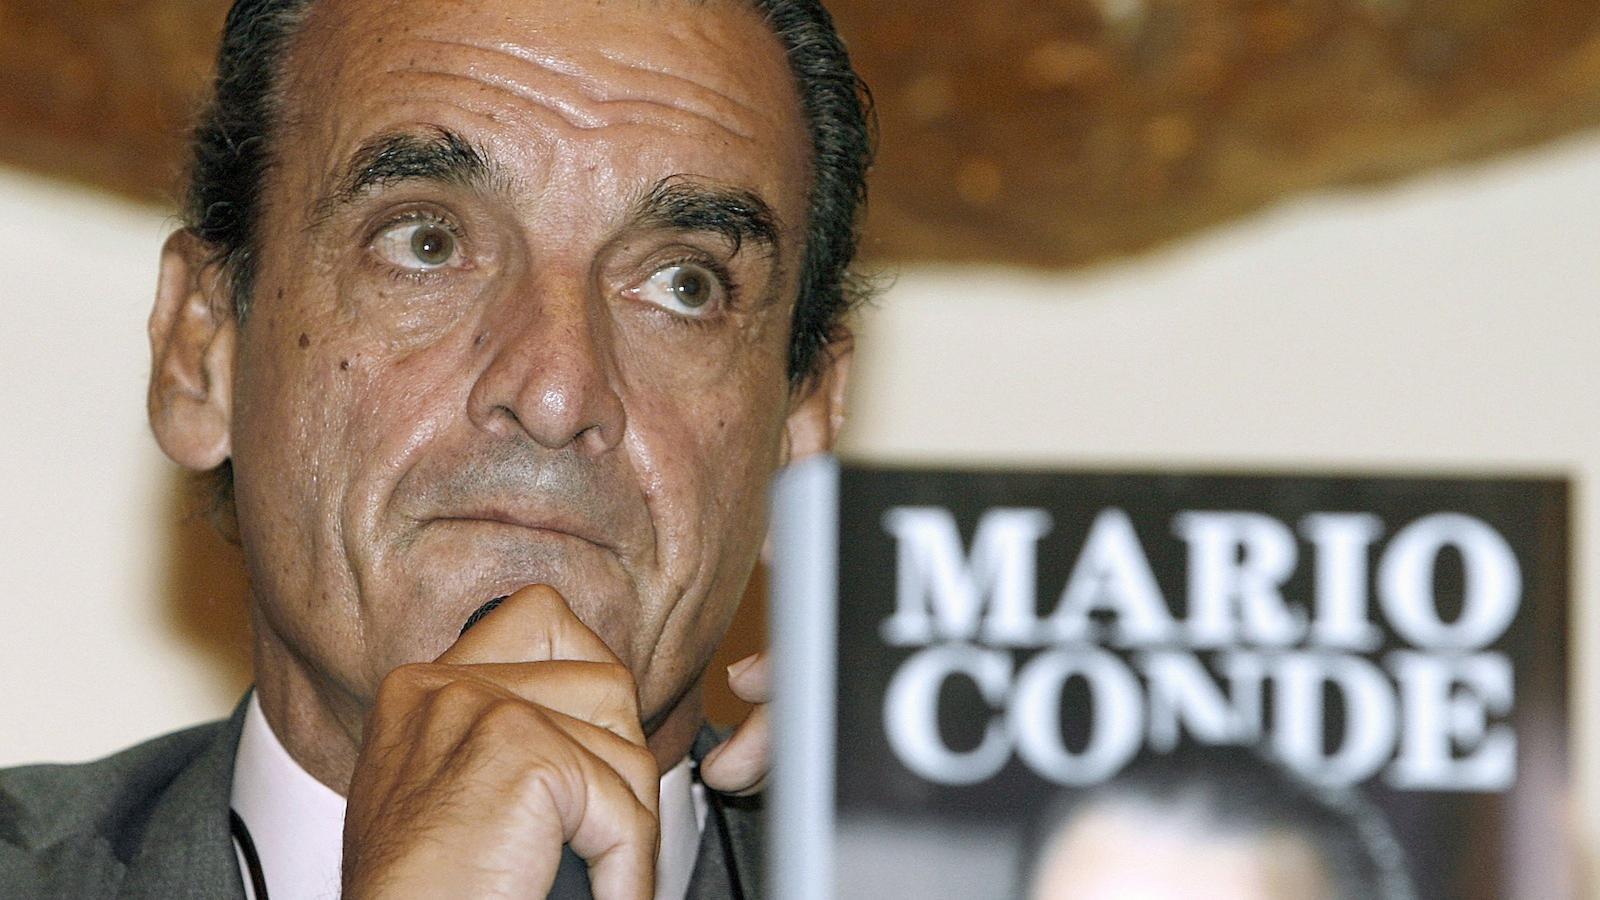 Mario Conde, en una imatge d'arxiu durant la presentació d'un dels seus llibres.